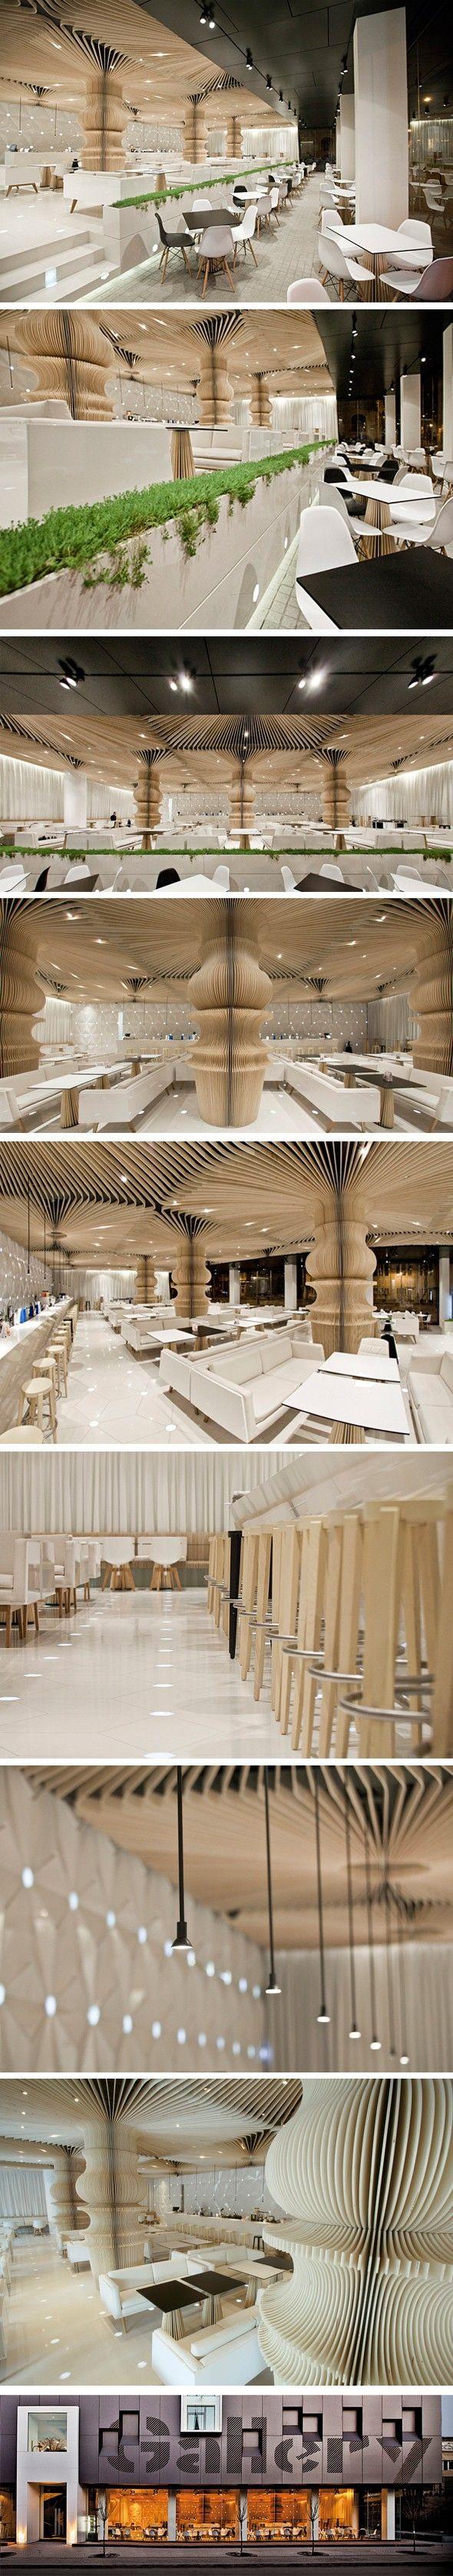 Graffiti Café par Studio MODE - Journal du Design. columnas balaustre torneado escala restaurante